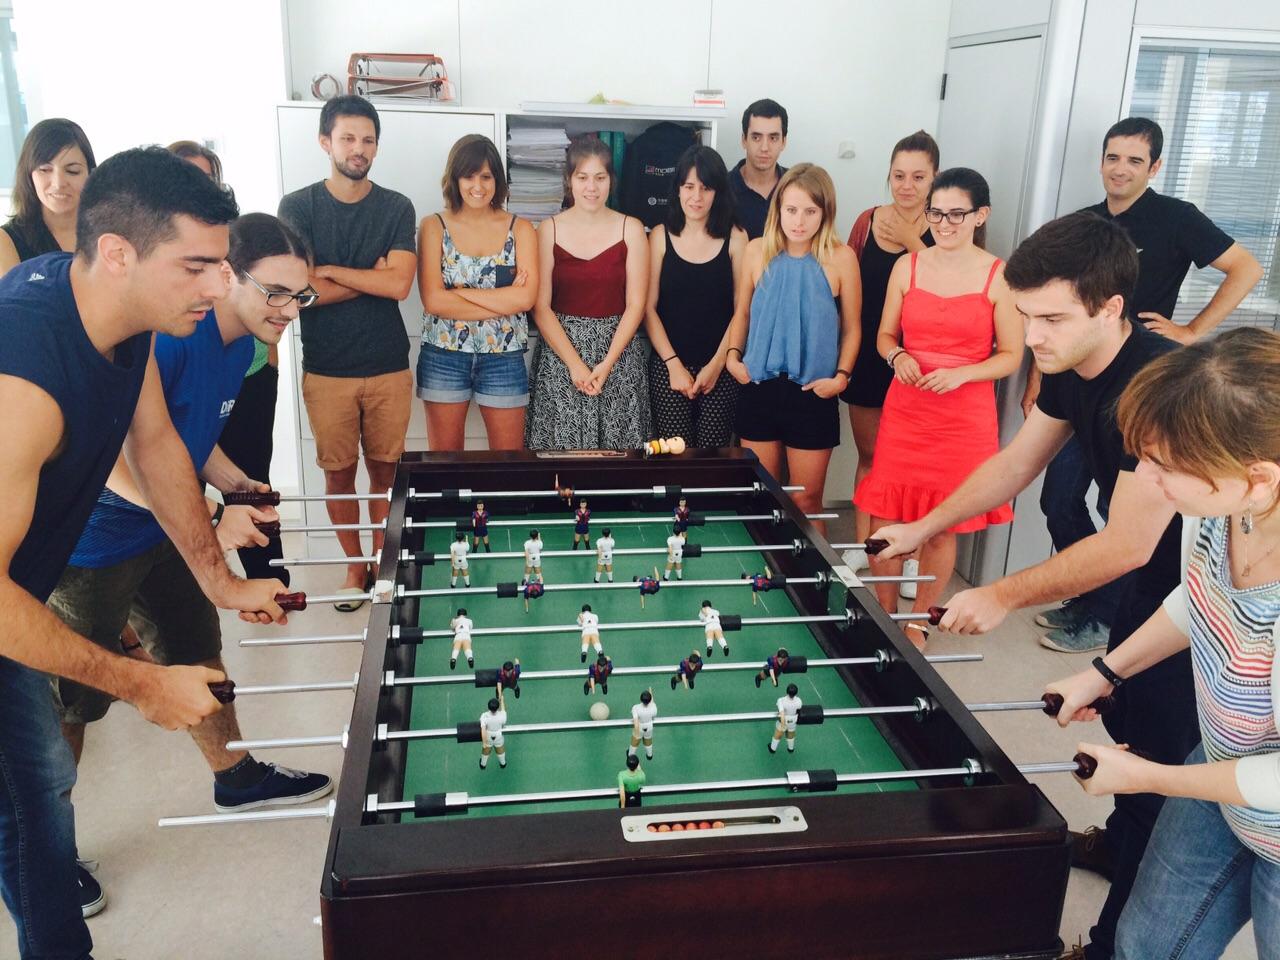 Partida-de-futbolin-el-doble-impacto-en-la-empresa-2